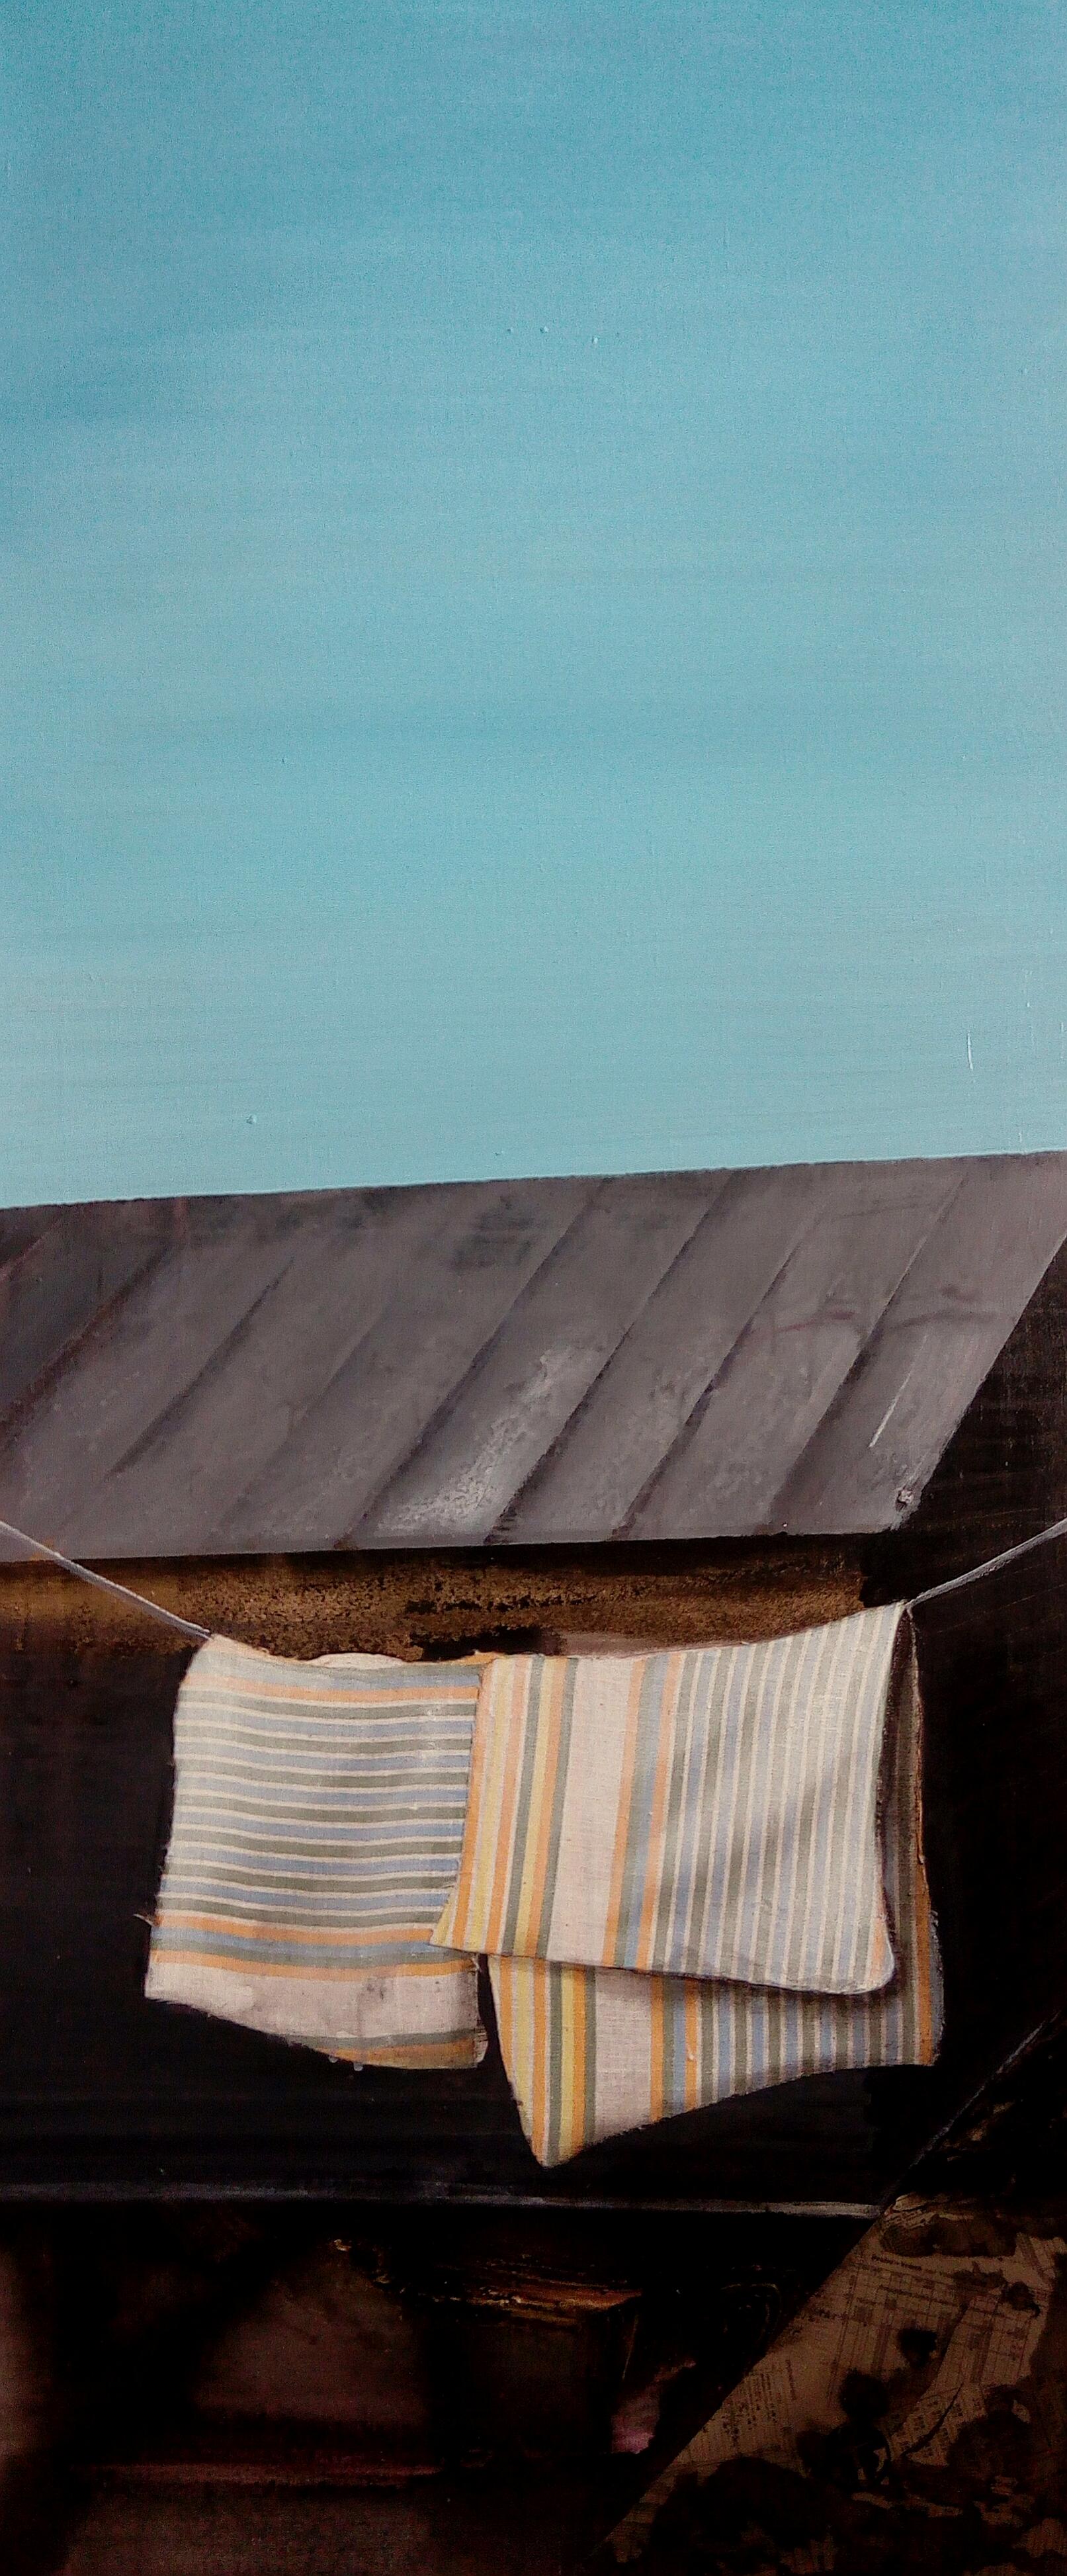 Na chatě - akryl a olej na plátně, 110 x 45 cm, 2017, soukromá sbírka ČR